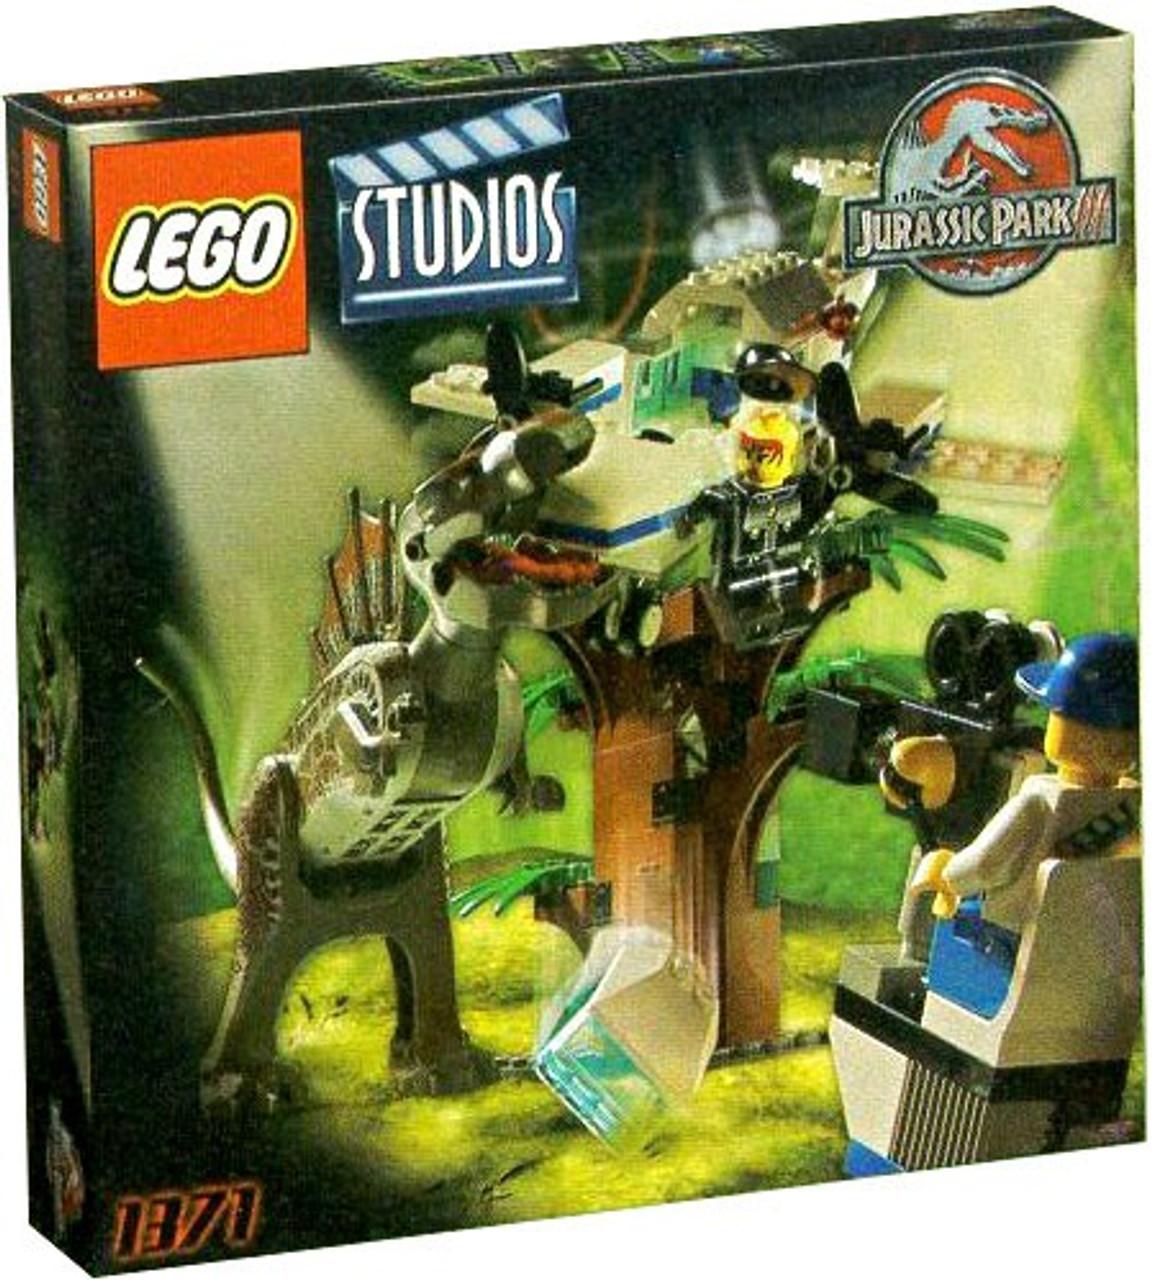 Lego jurassic park studios jurassic park iii spinosaurus attack set 1371 toywiz - Lego dinosaurs spinosaurus ...